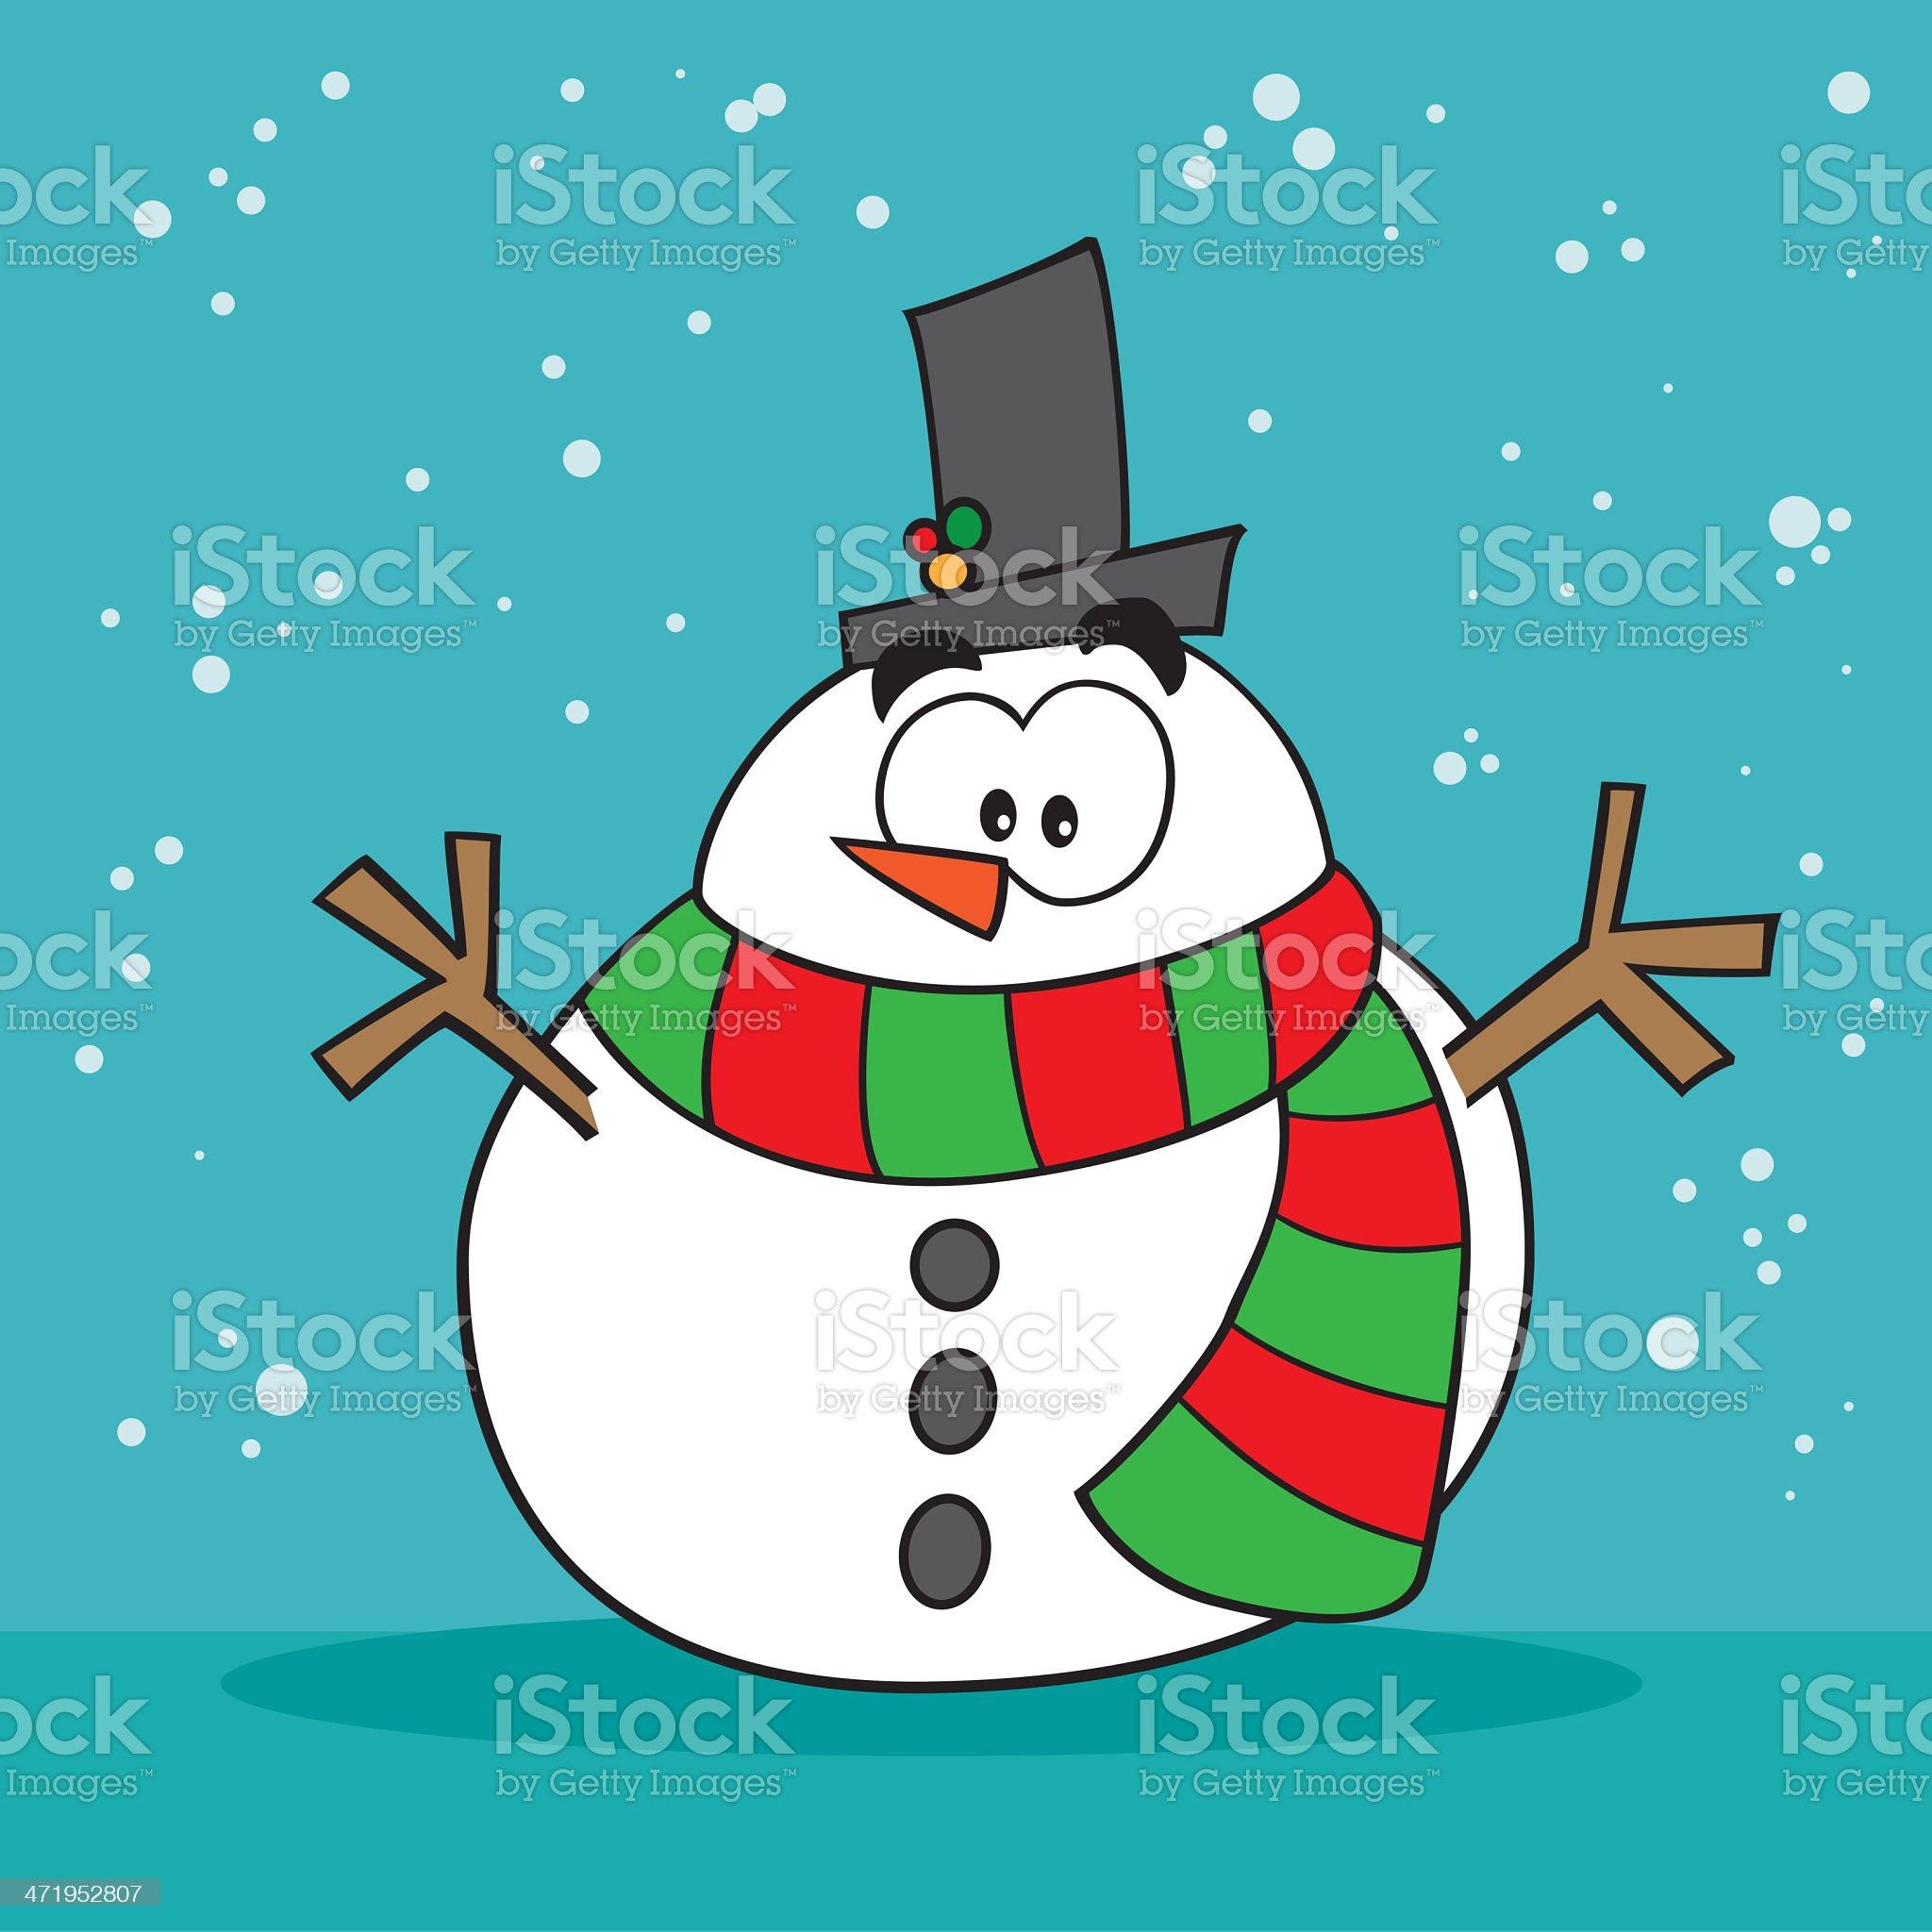 Weird snowman royalty-free stock vector art